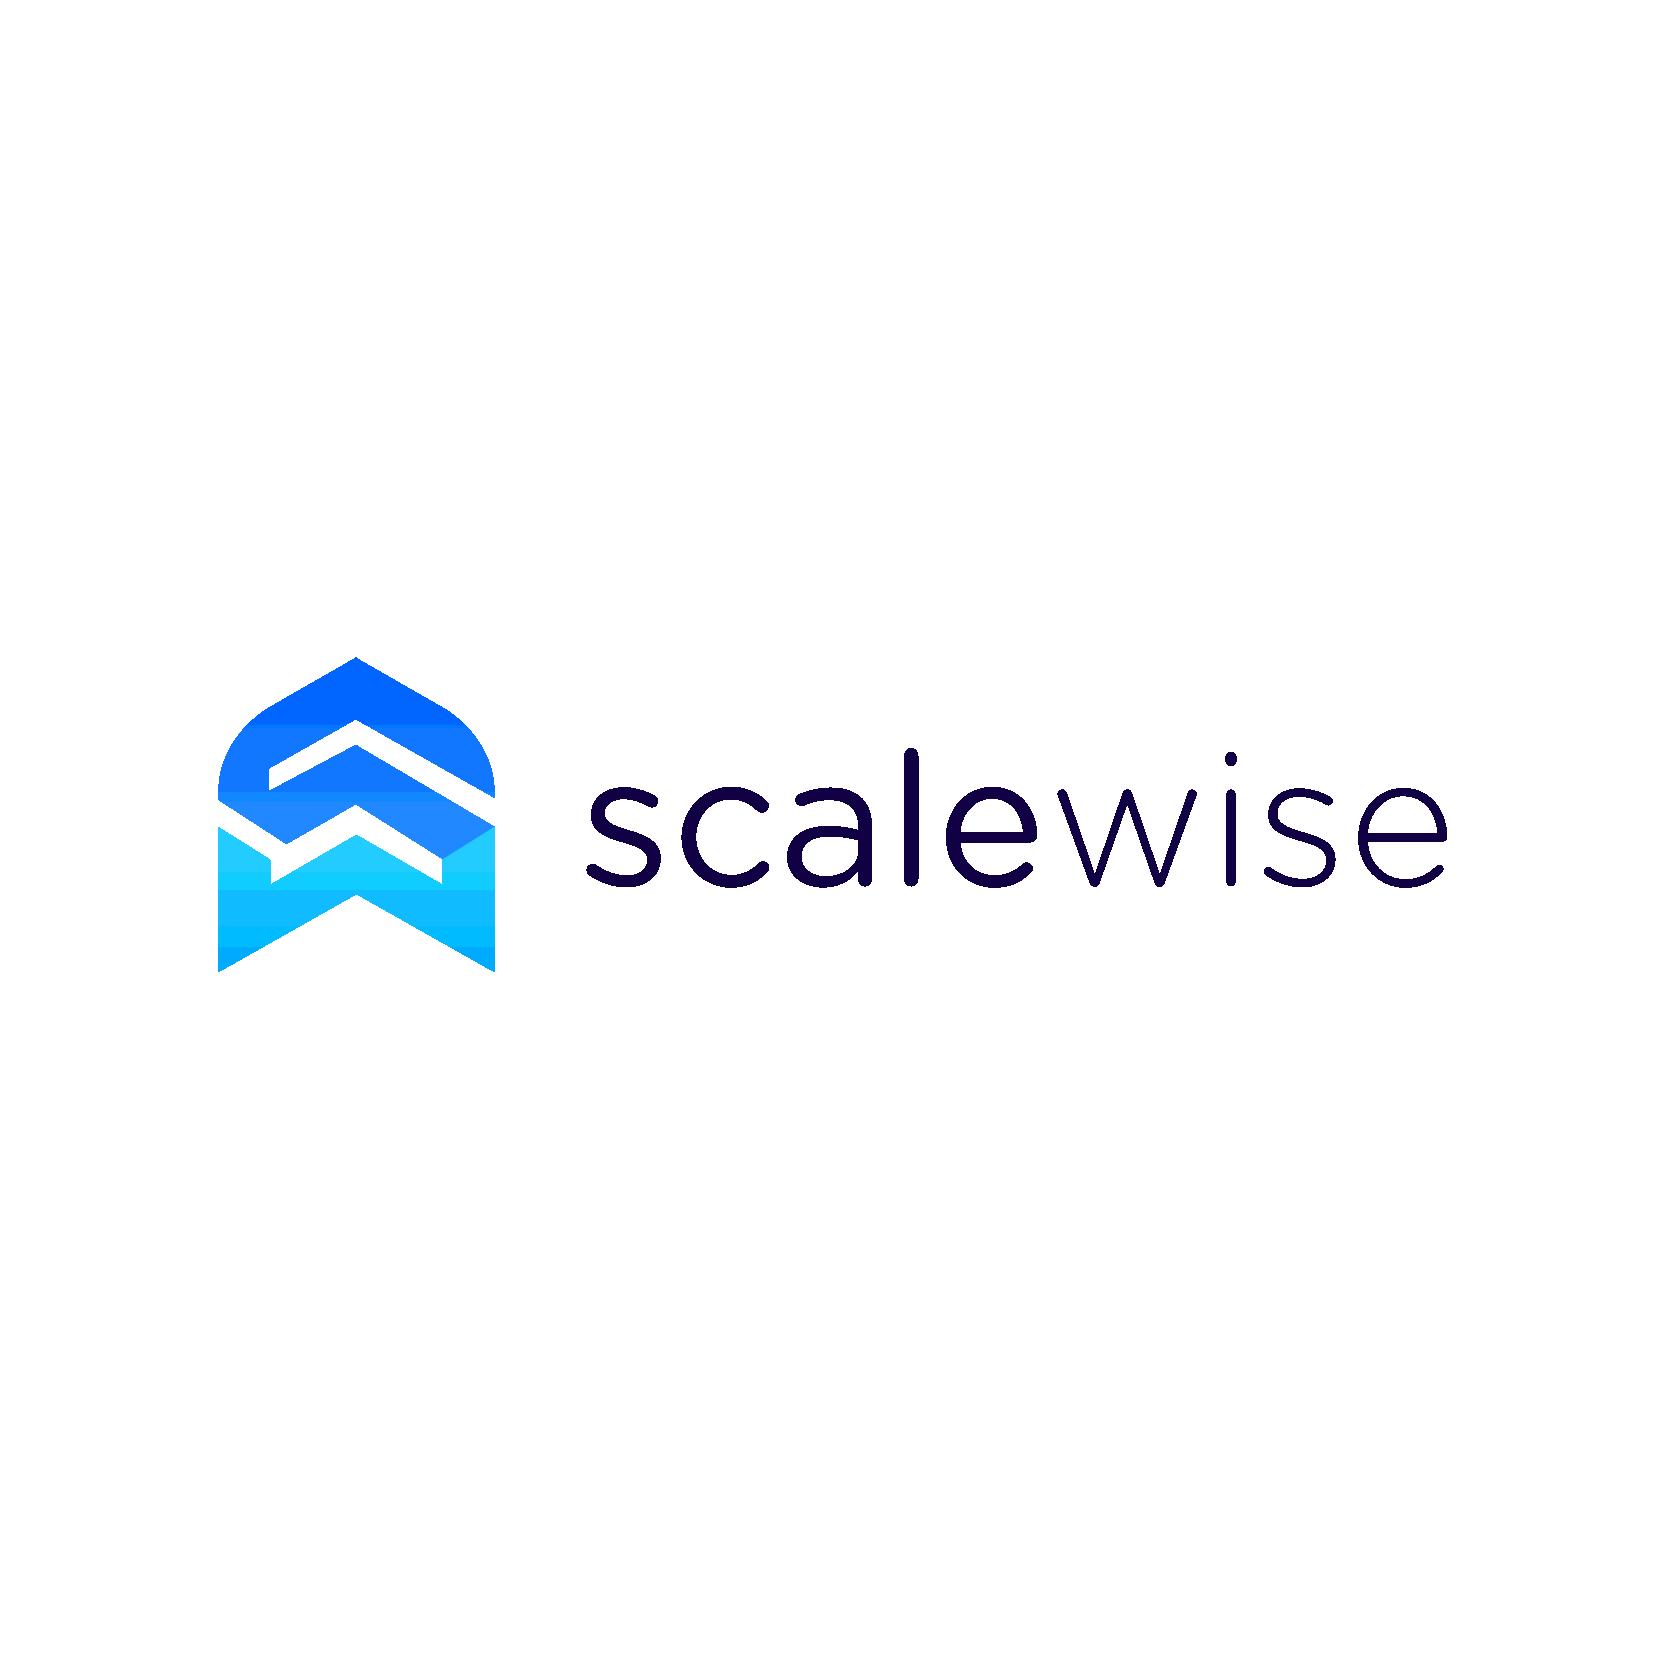 scalewisefinal-02.png